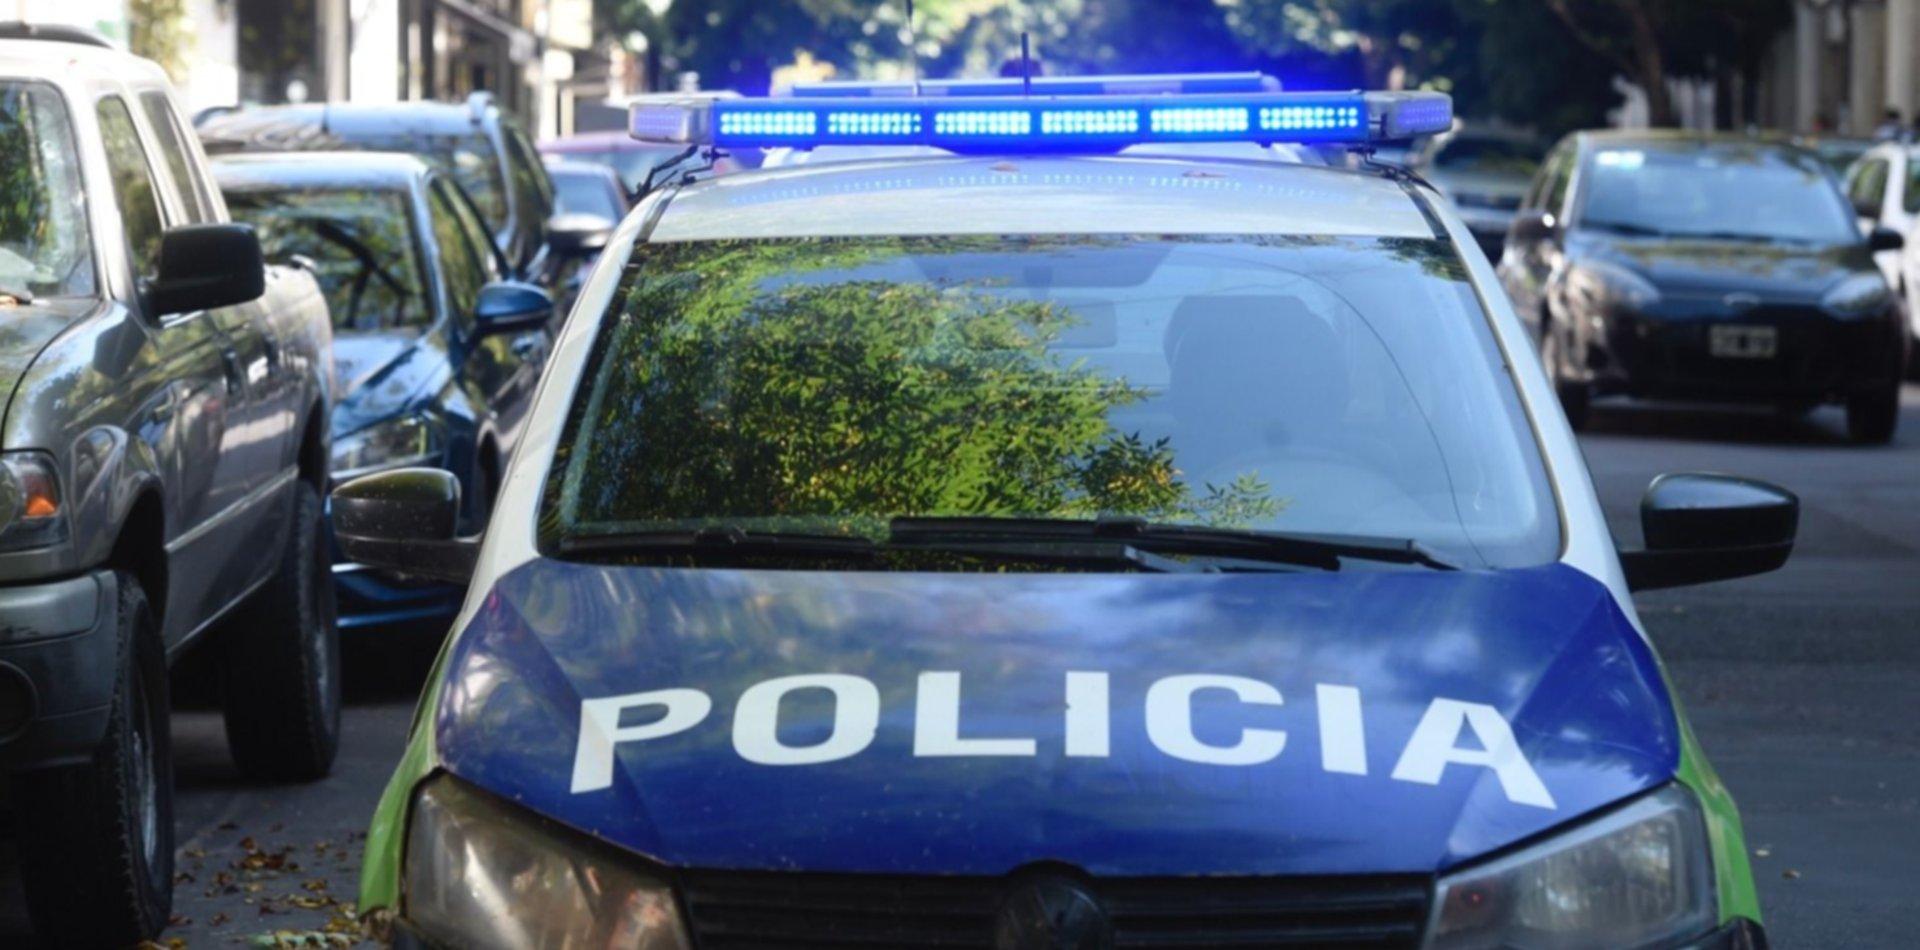 Mantuvo secuestrada a su pareja en La Plata, la golpeó y amenazó con matarla